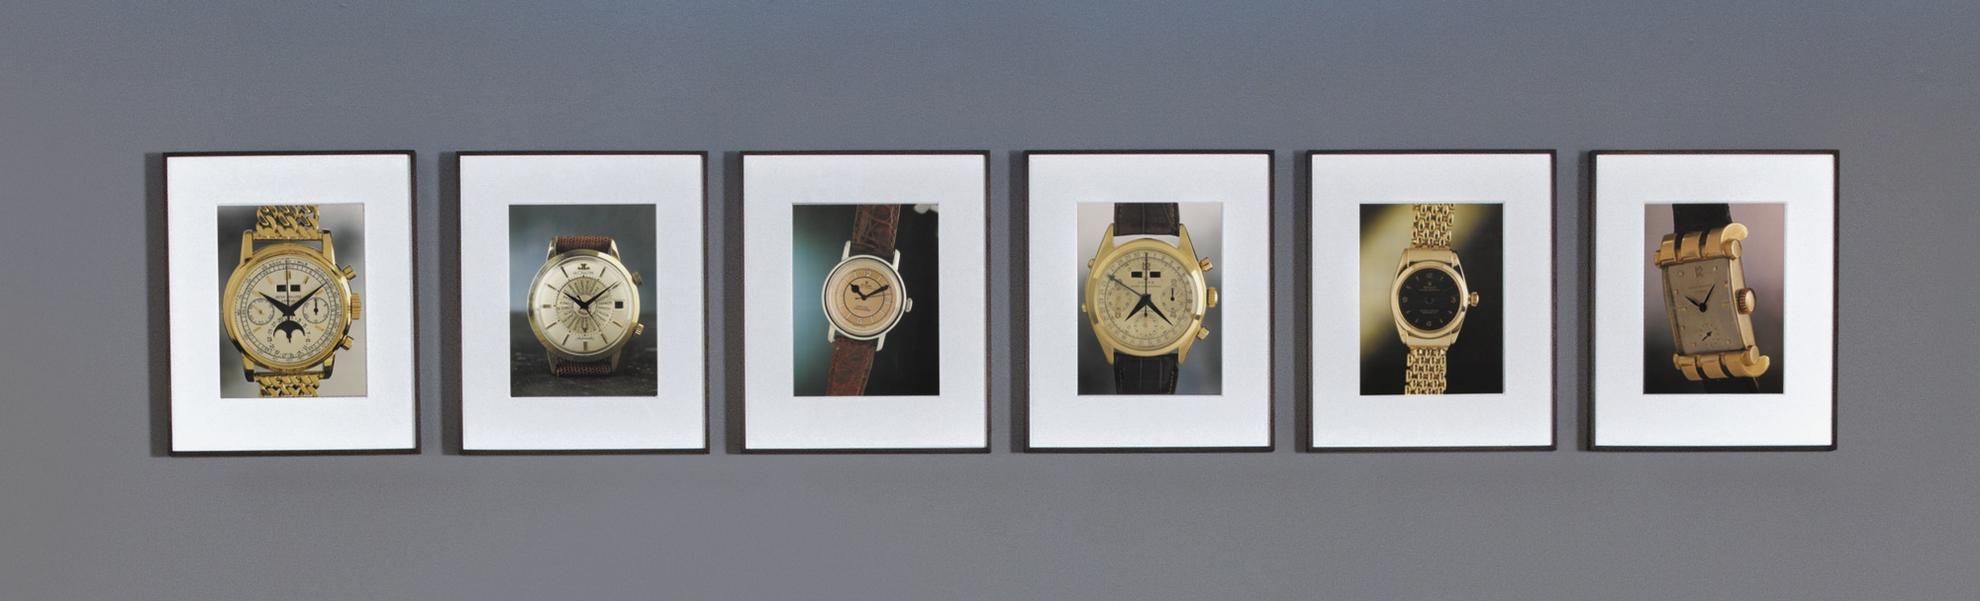 Kris Martin-Watch [Six Works]-2011